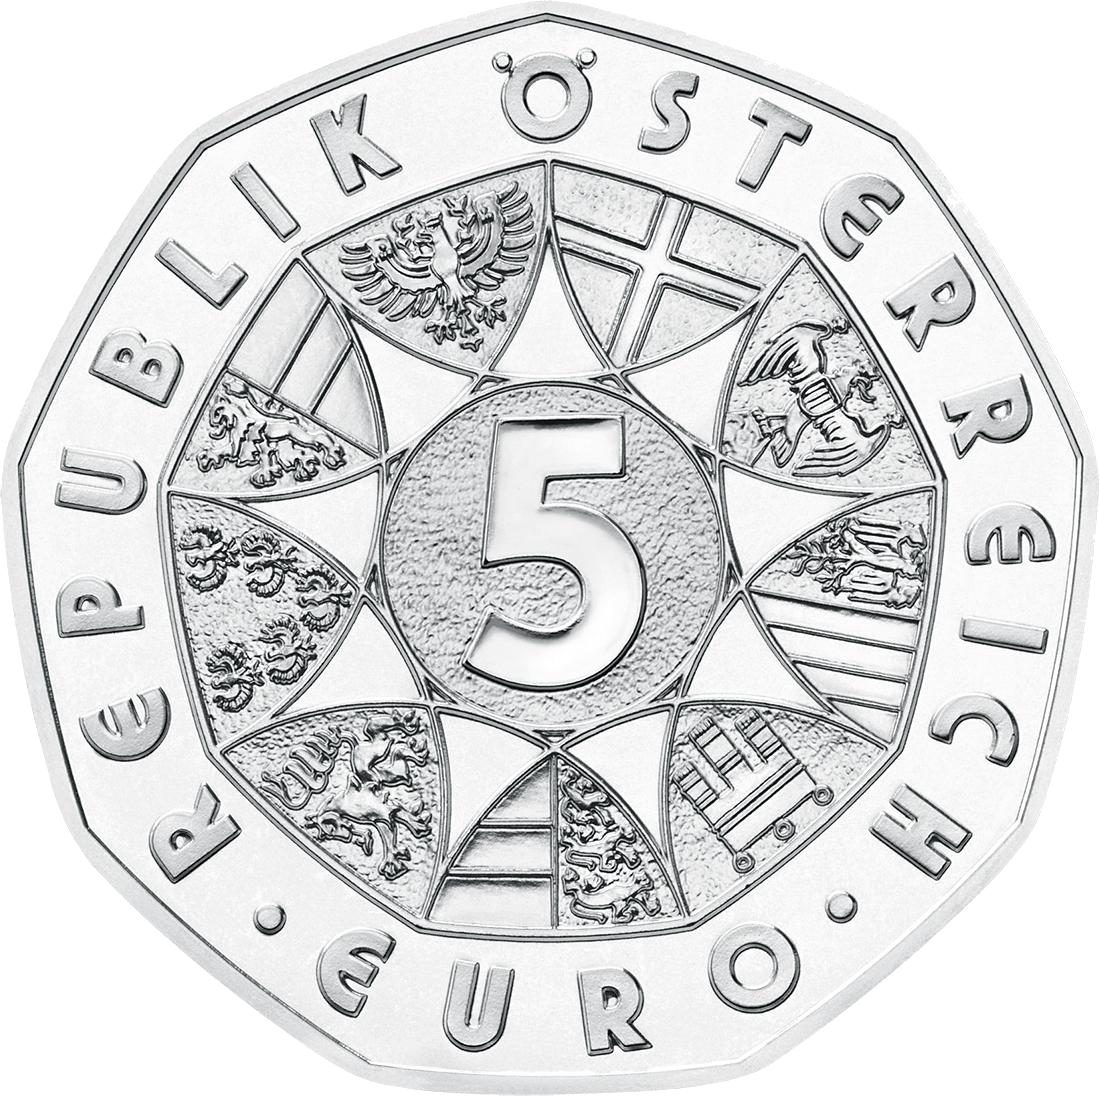 5 Euro Silber österreich Dürers Feldhase 2016 österreich Euro